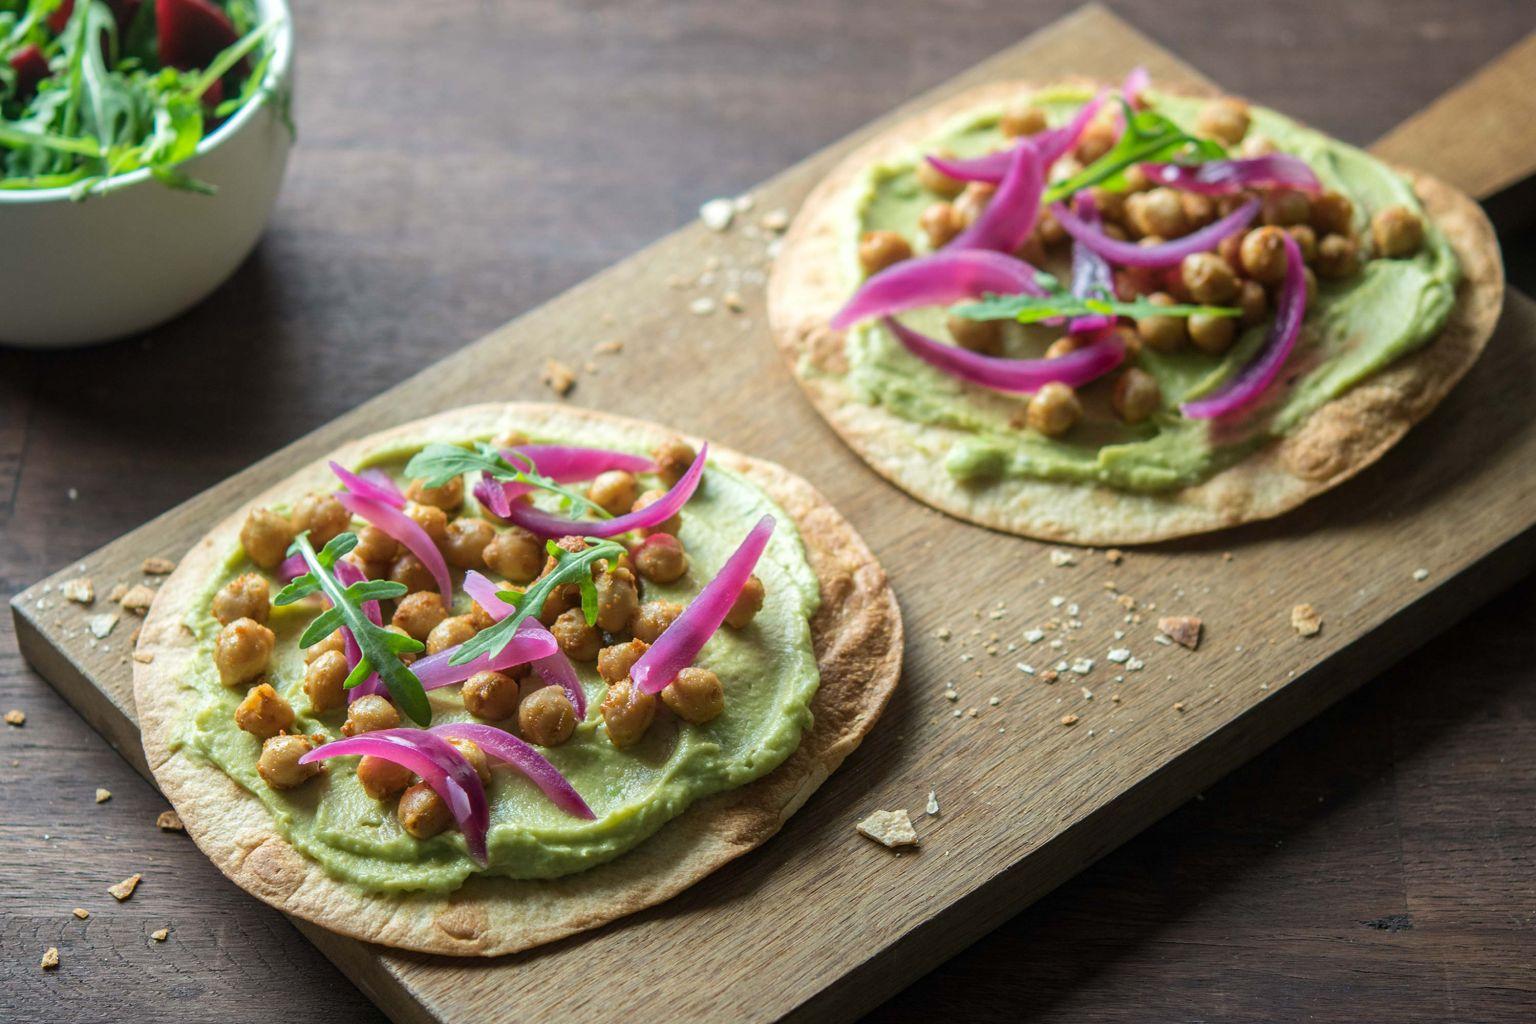 Recette de tortillas mexicaines